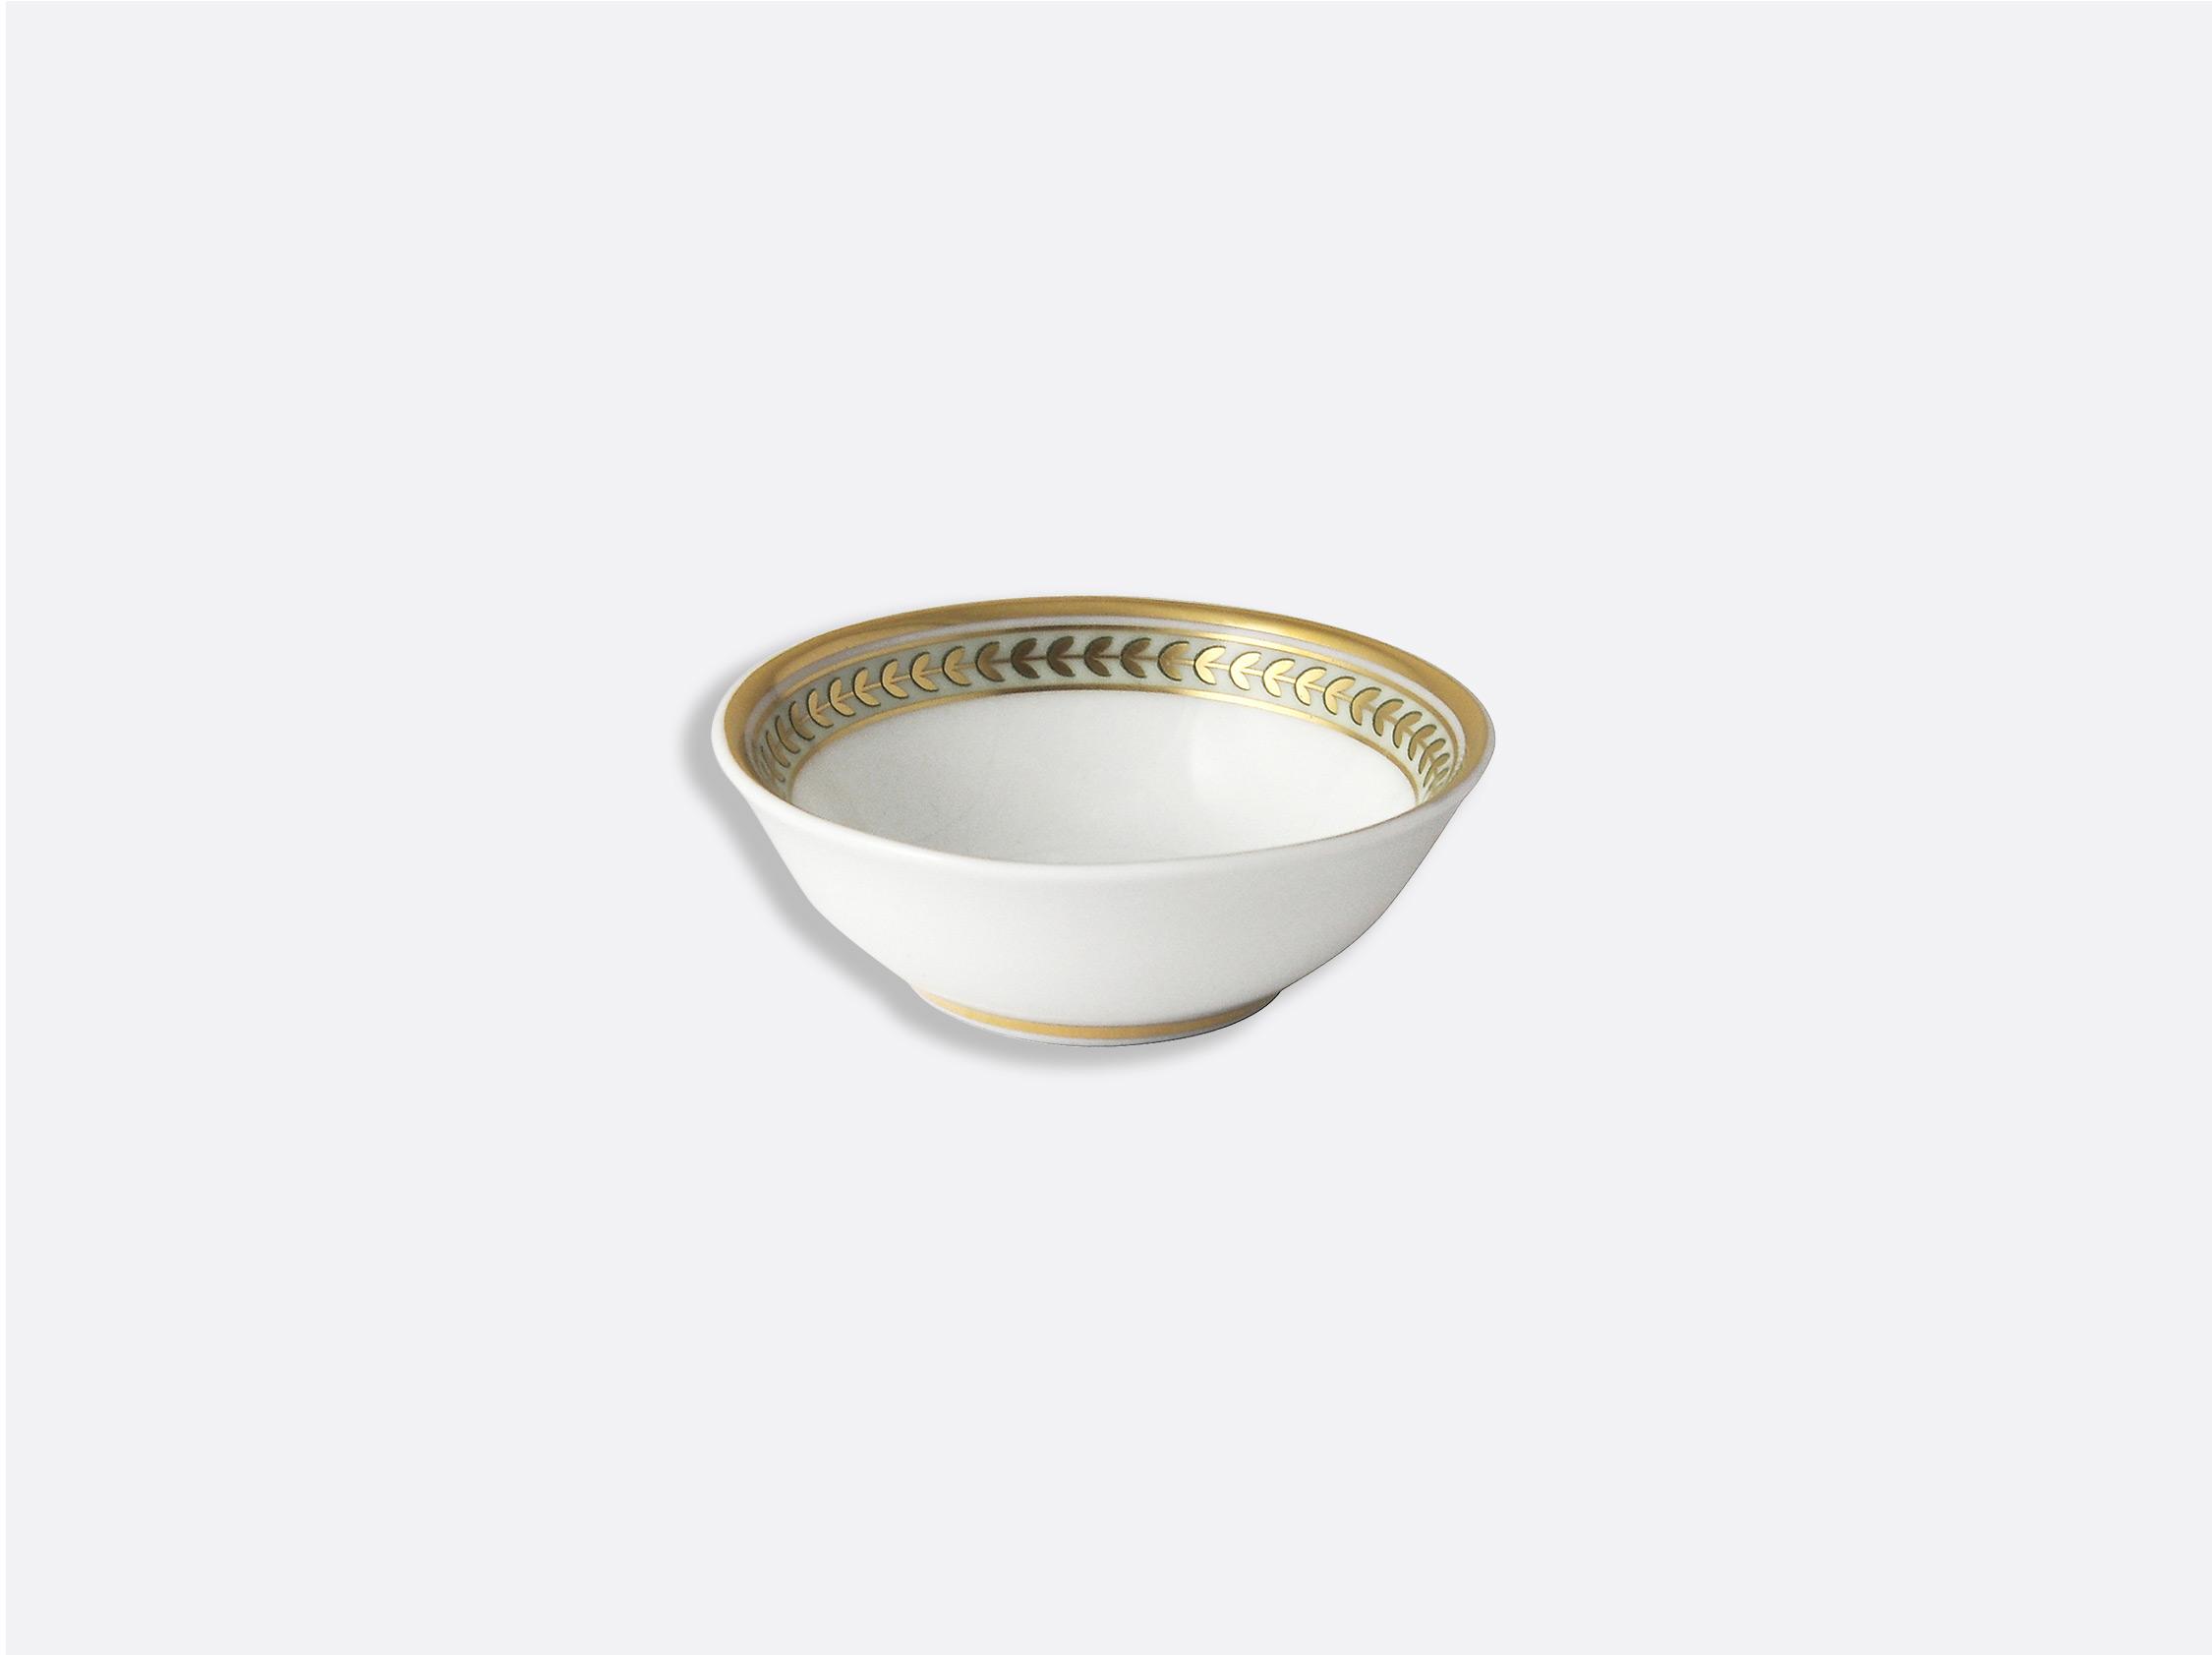 Coupelle 7 cm en porcelaine de la collection Constance Bernardaud